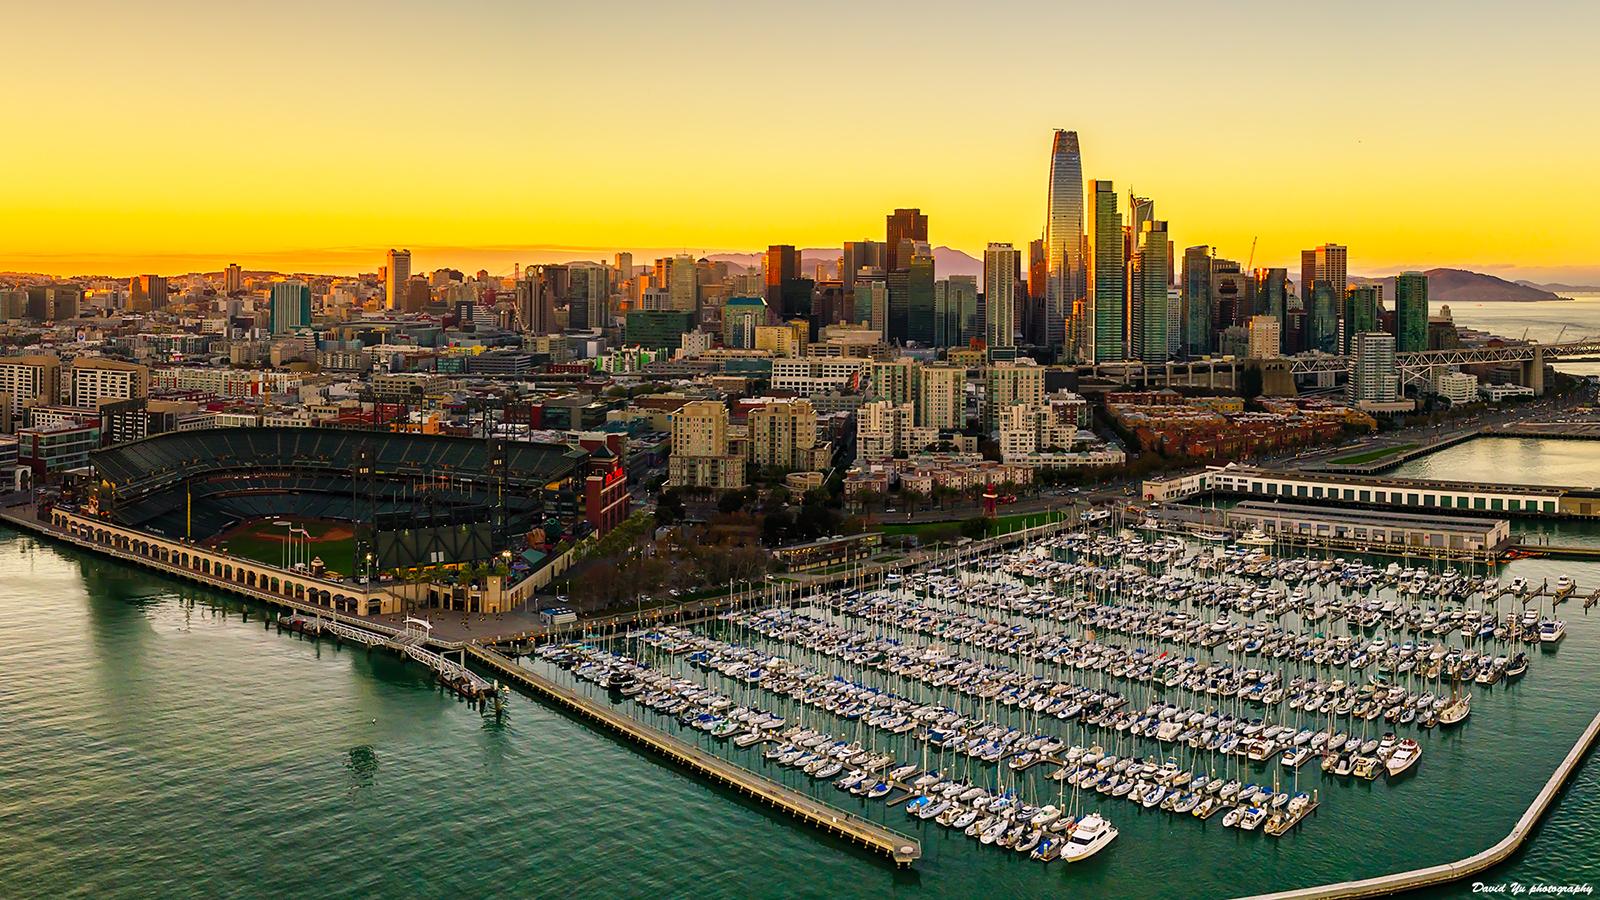 Ciudad de San Francisco - 1600x900